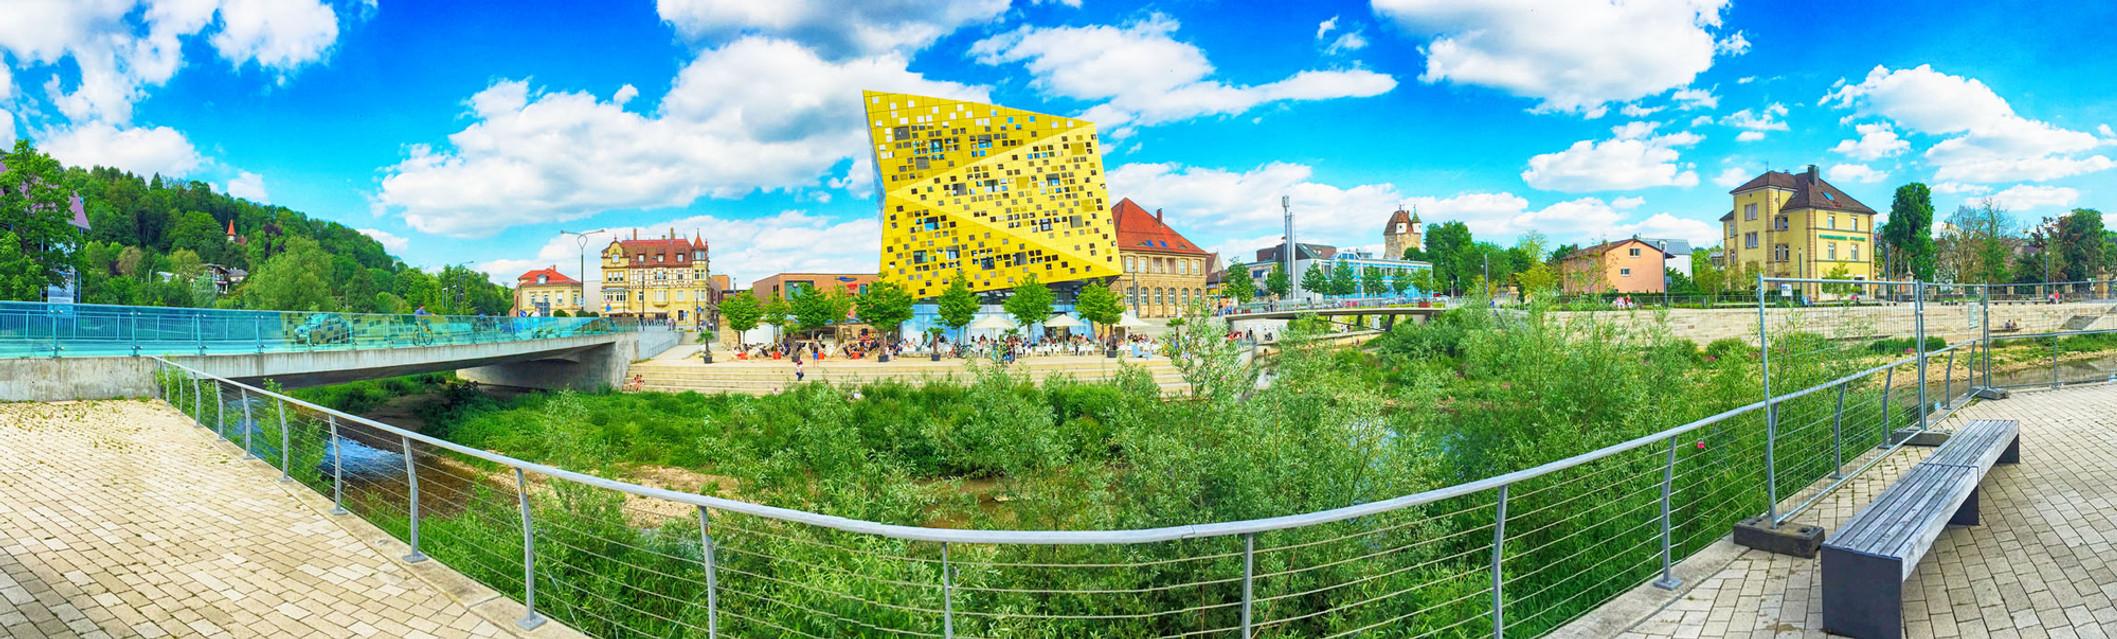 Schwäbisch_Gmünd_HDR_Panorama2__neu_17.j